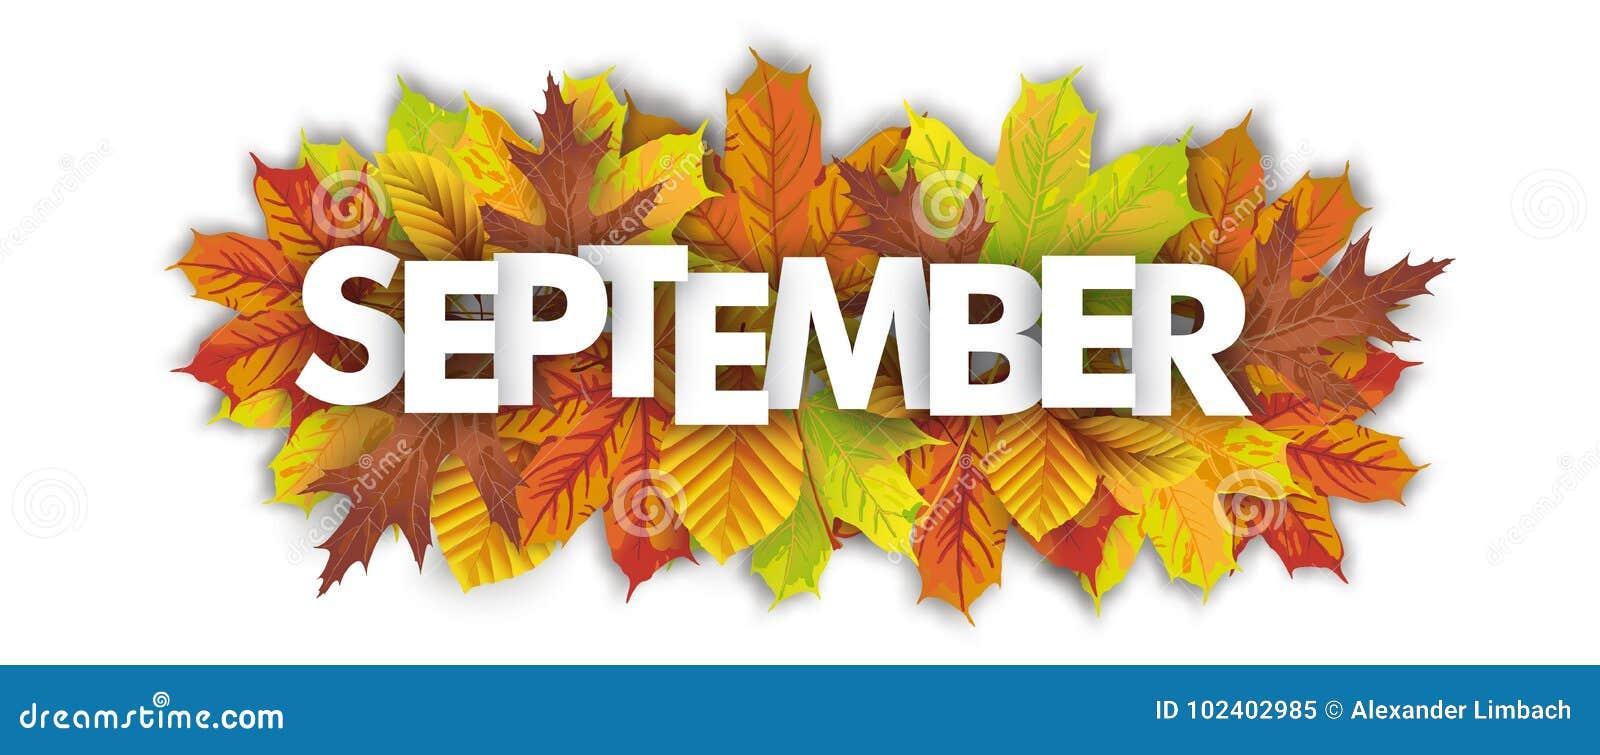 Autumn Foliage September Header White ...